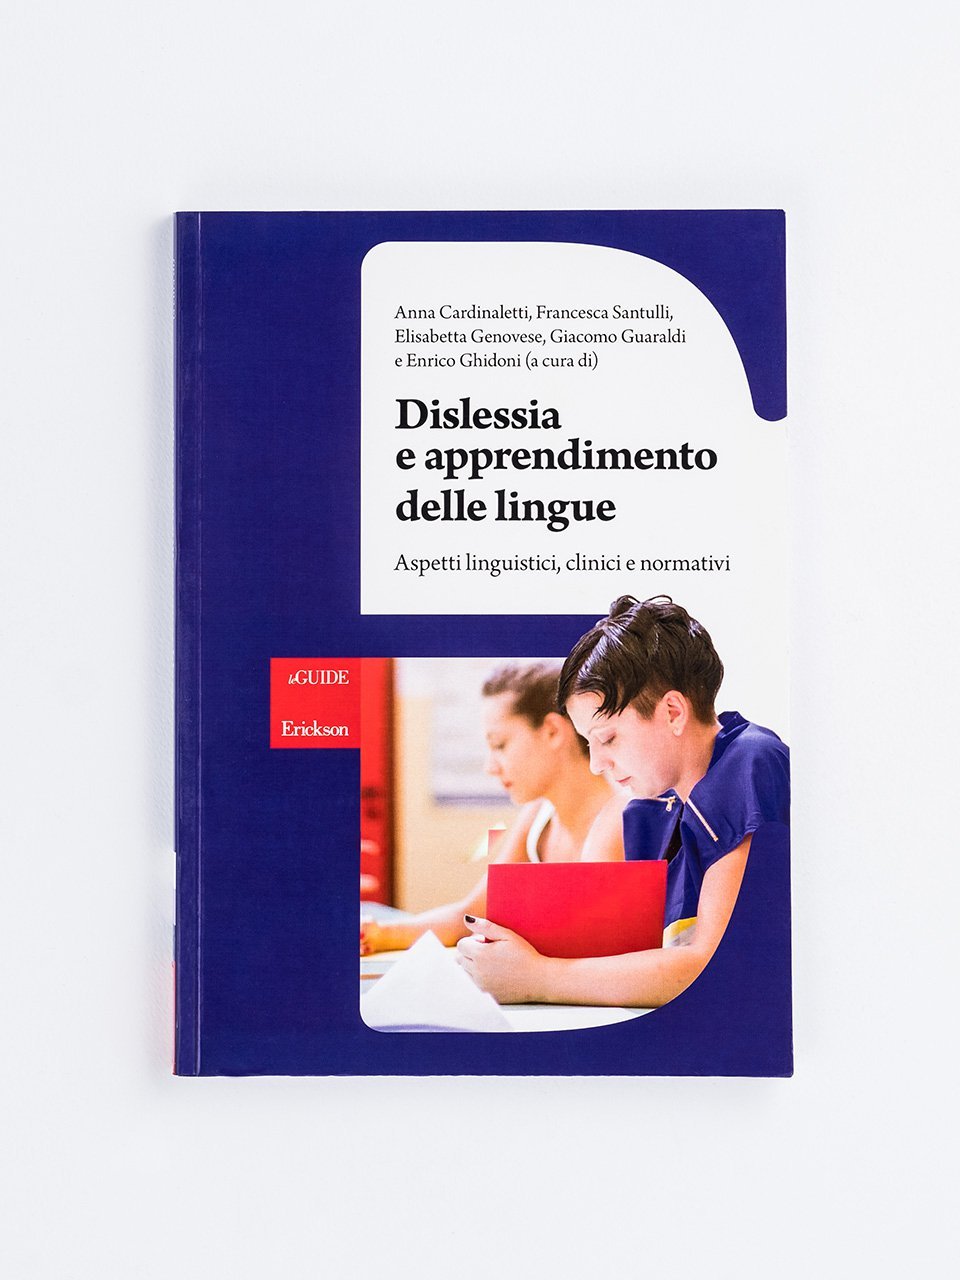 Dislessia e apprendimento delle lingue - Libri - Erickson